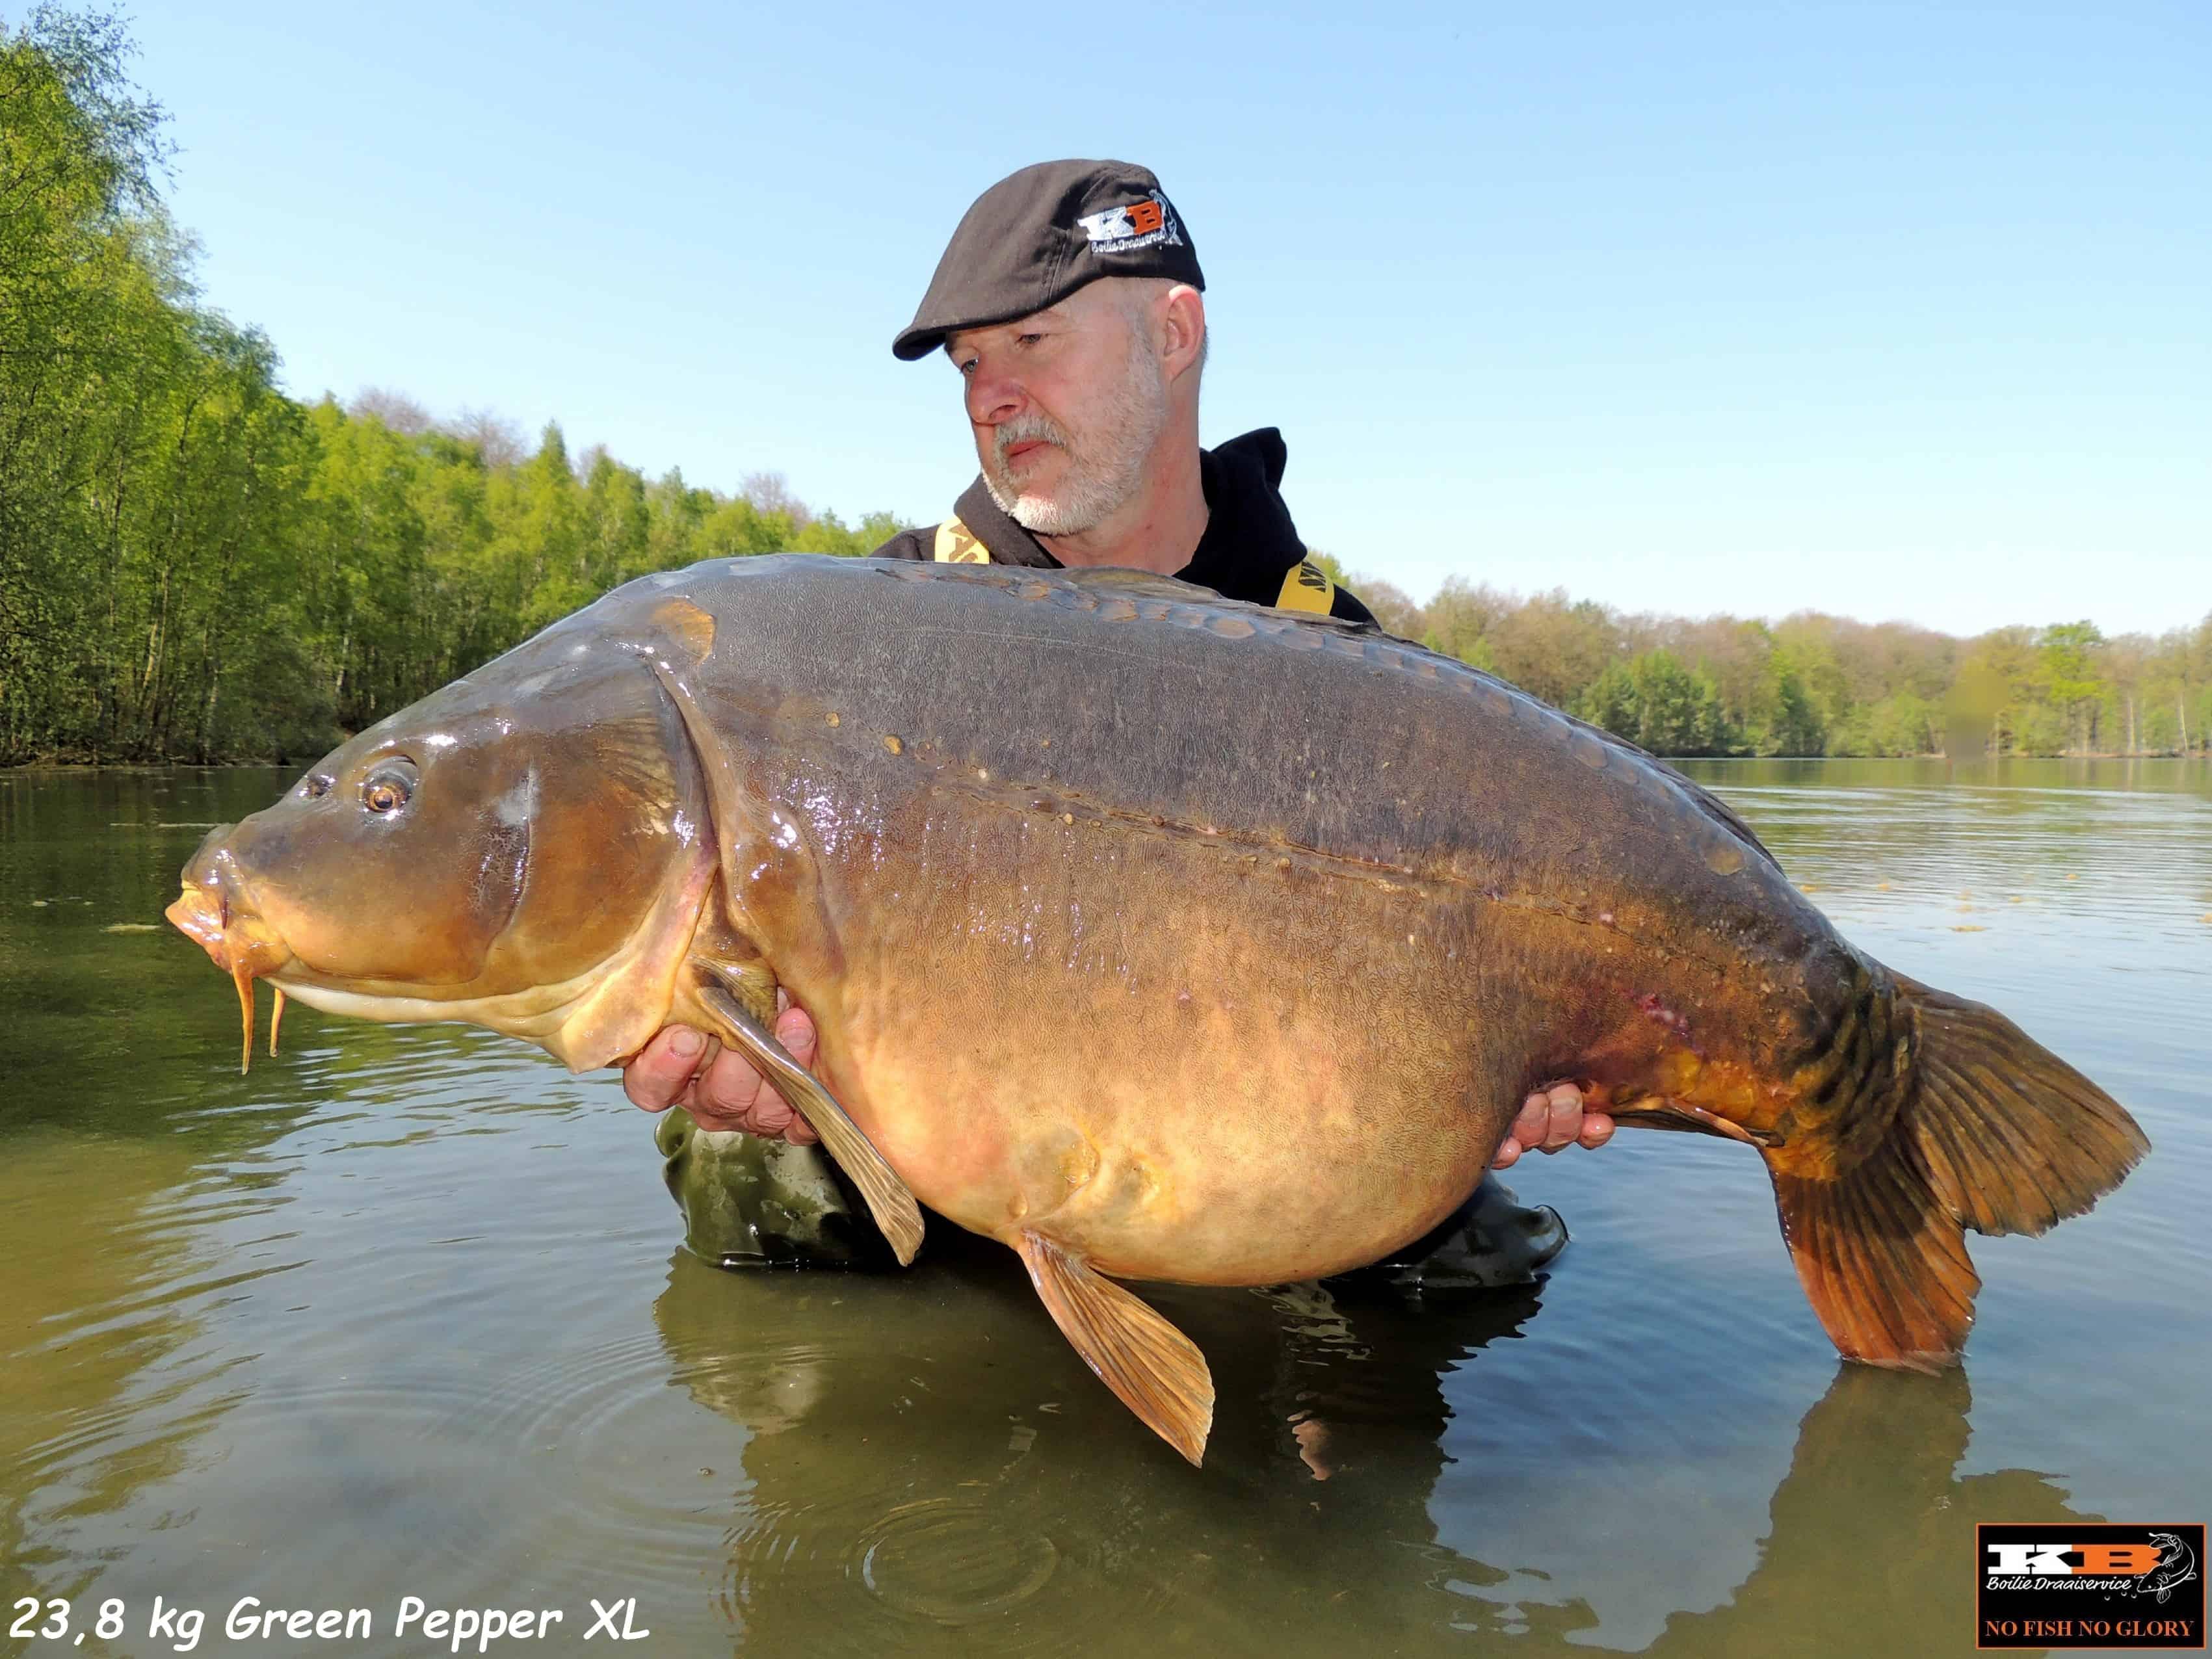 Simon Spiegel 23,8 kg